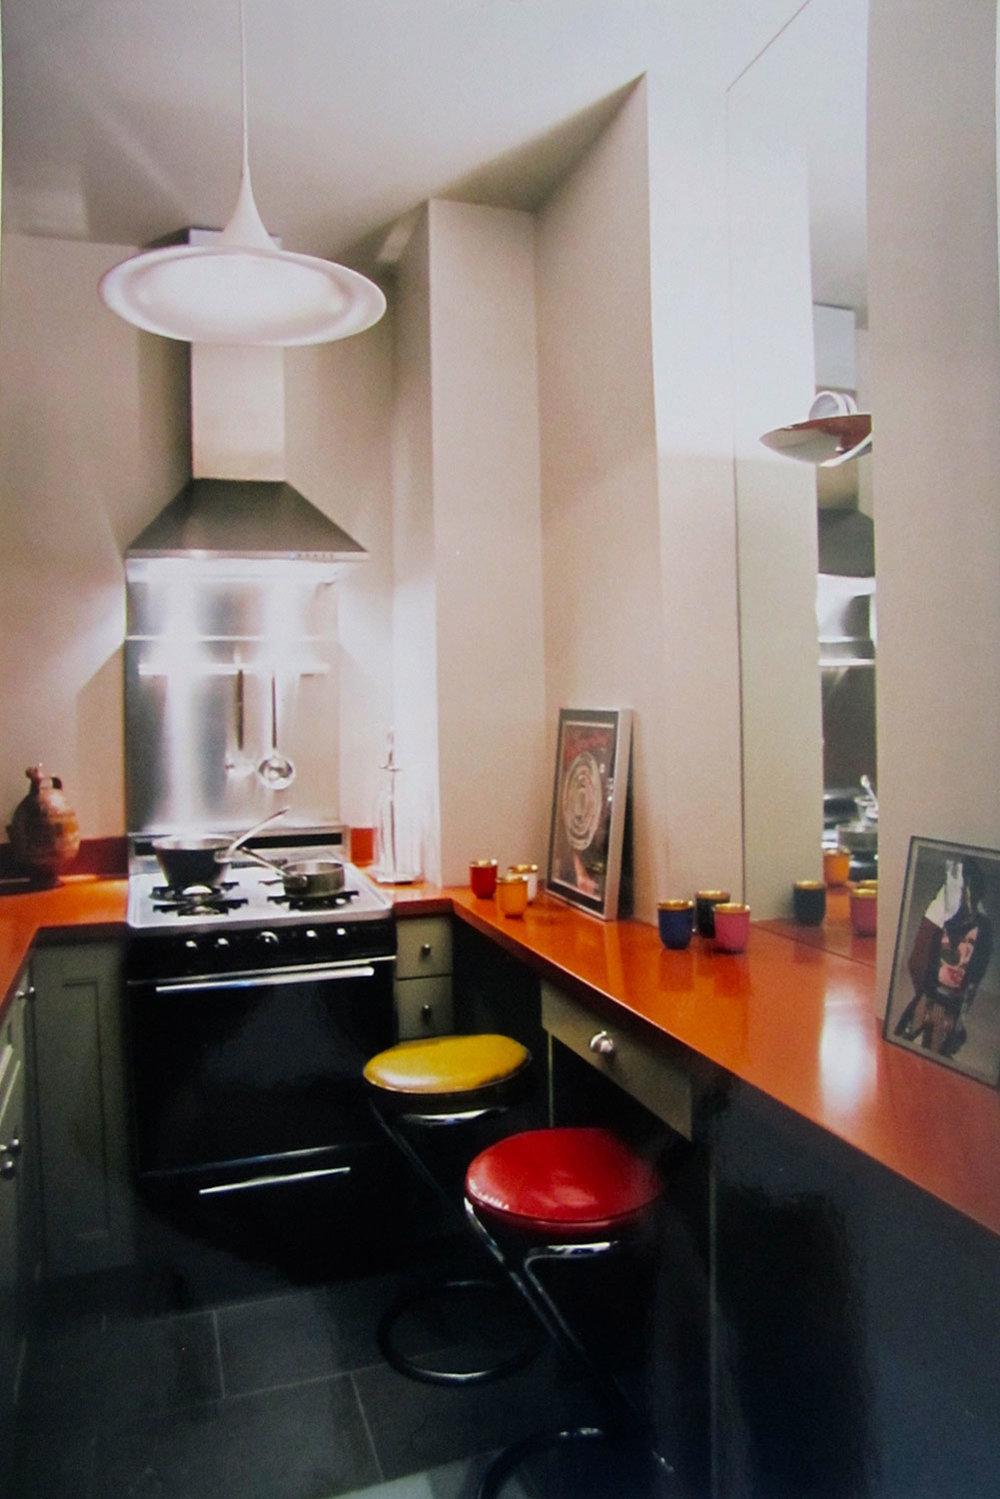 Midtown Manhattan |New York   En barrio muy residencial, una acogedora habitación azul de inspiración francesa, una cocina funky y un salón oriental de inspiración hindú crean el encanto de este pequeño departamento.